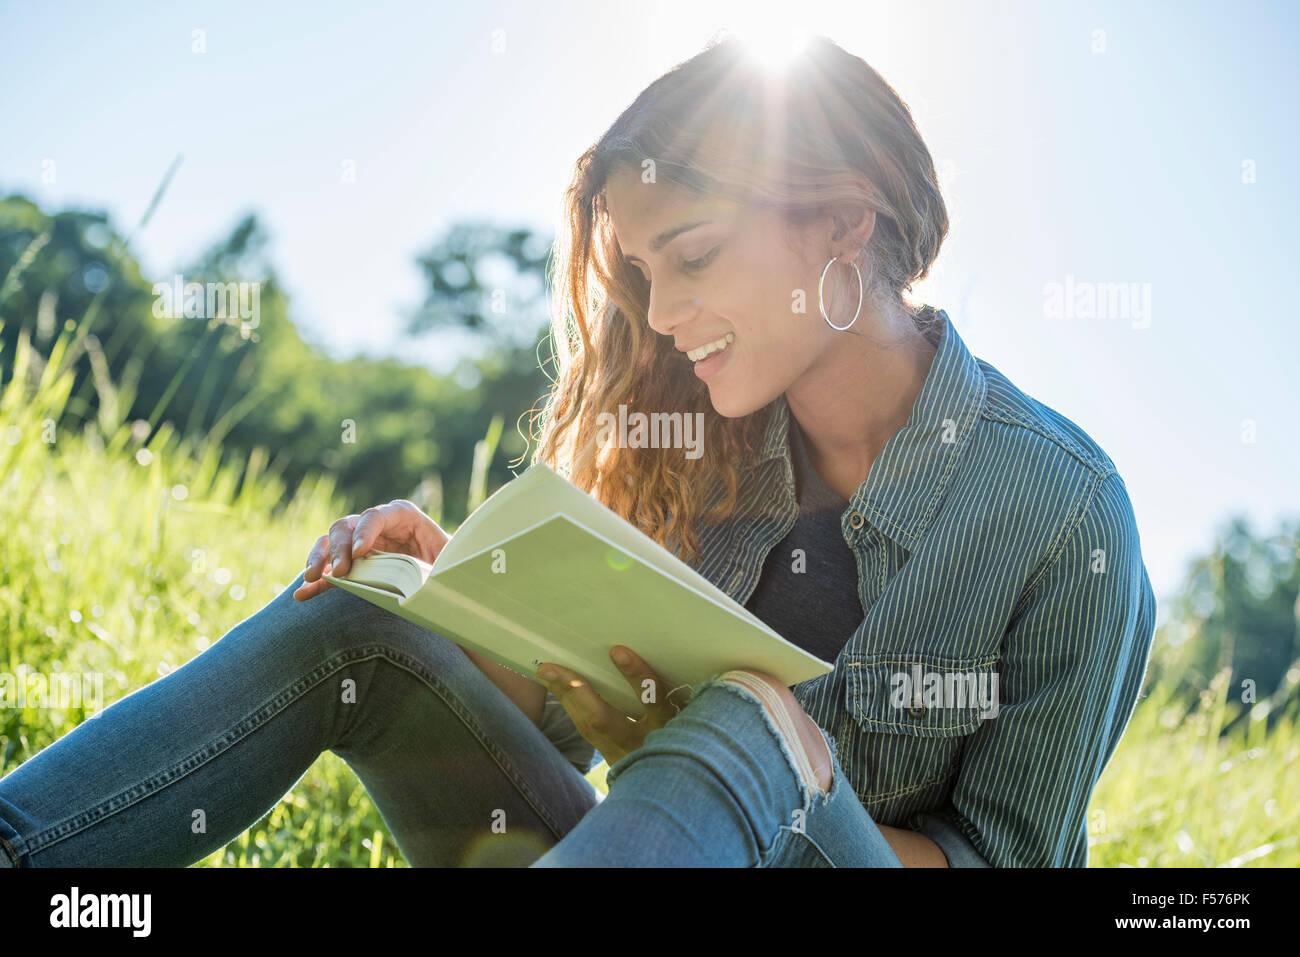 Une jeune femme assise au soleil en lisant un livre Photo Stock